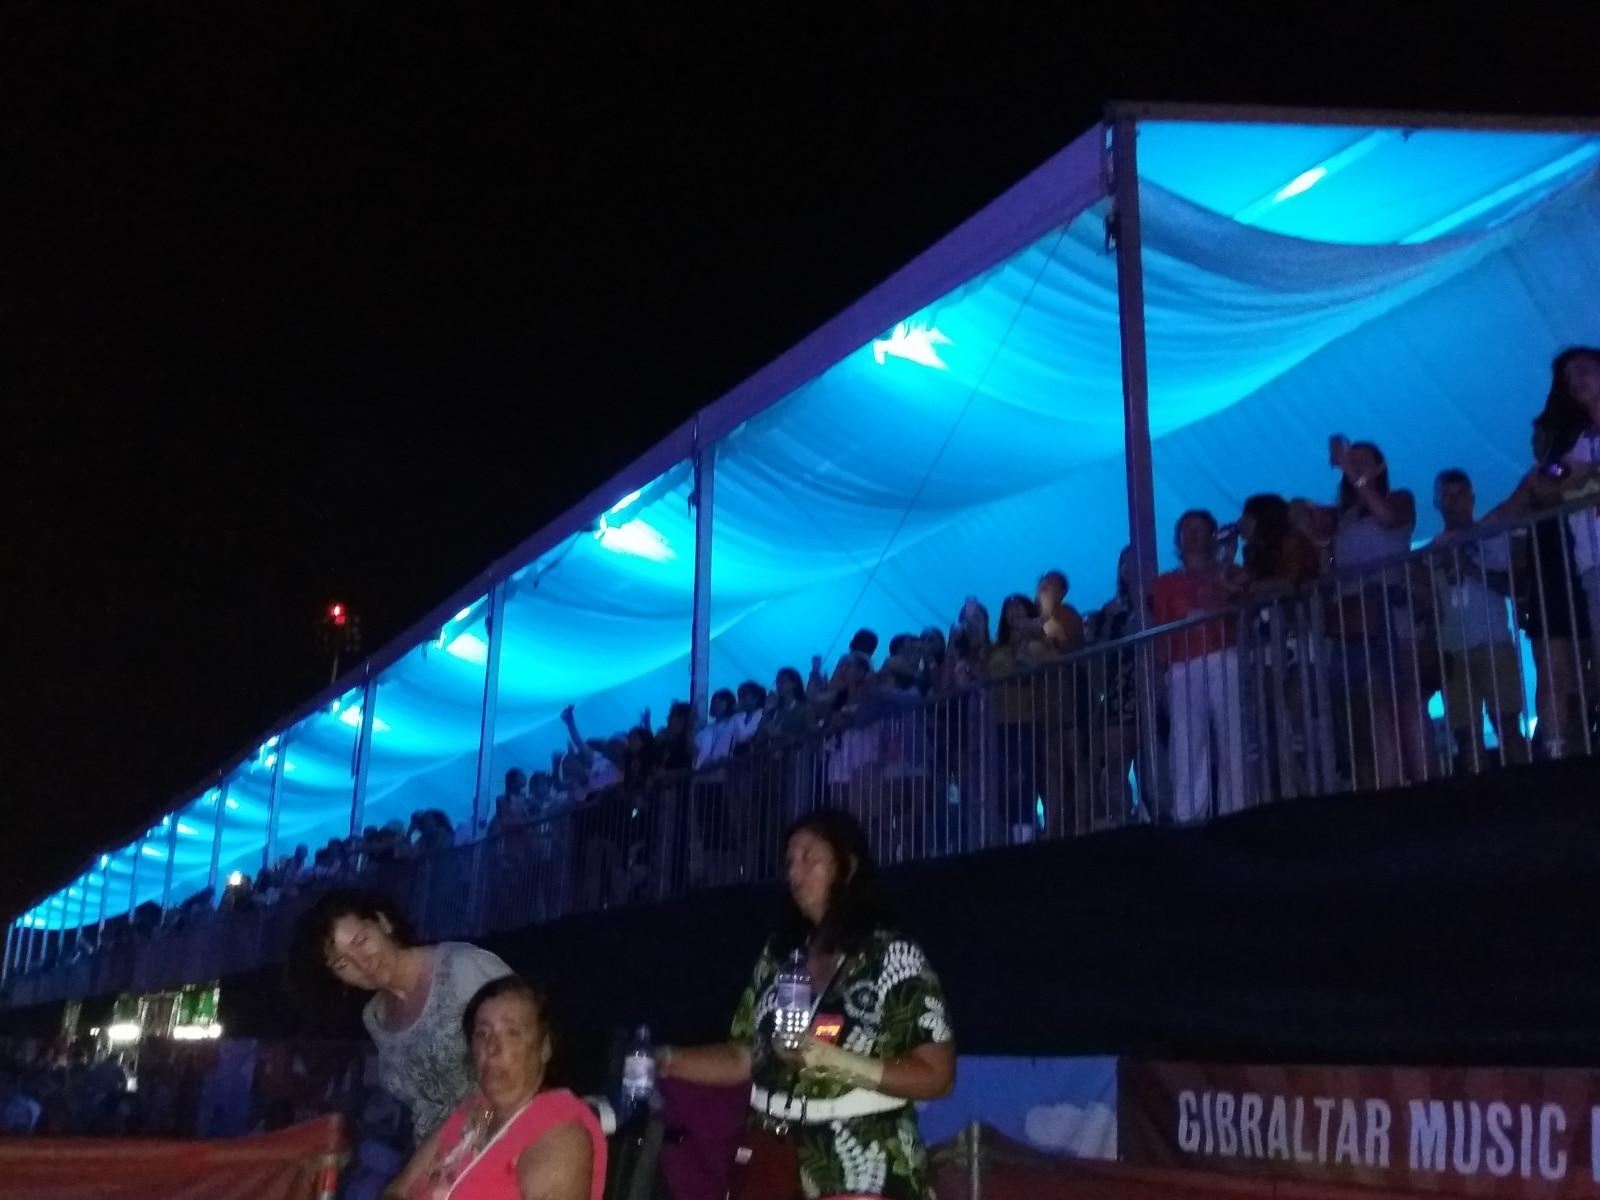 3-de-septiembre-de-2016-gibraltar-music-festival-21_28818274013_o